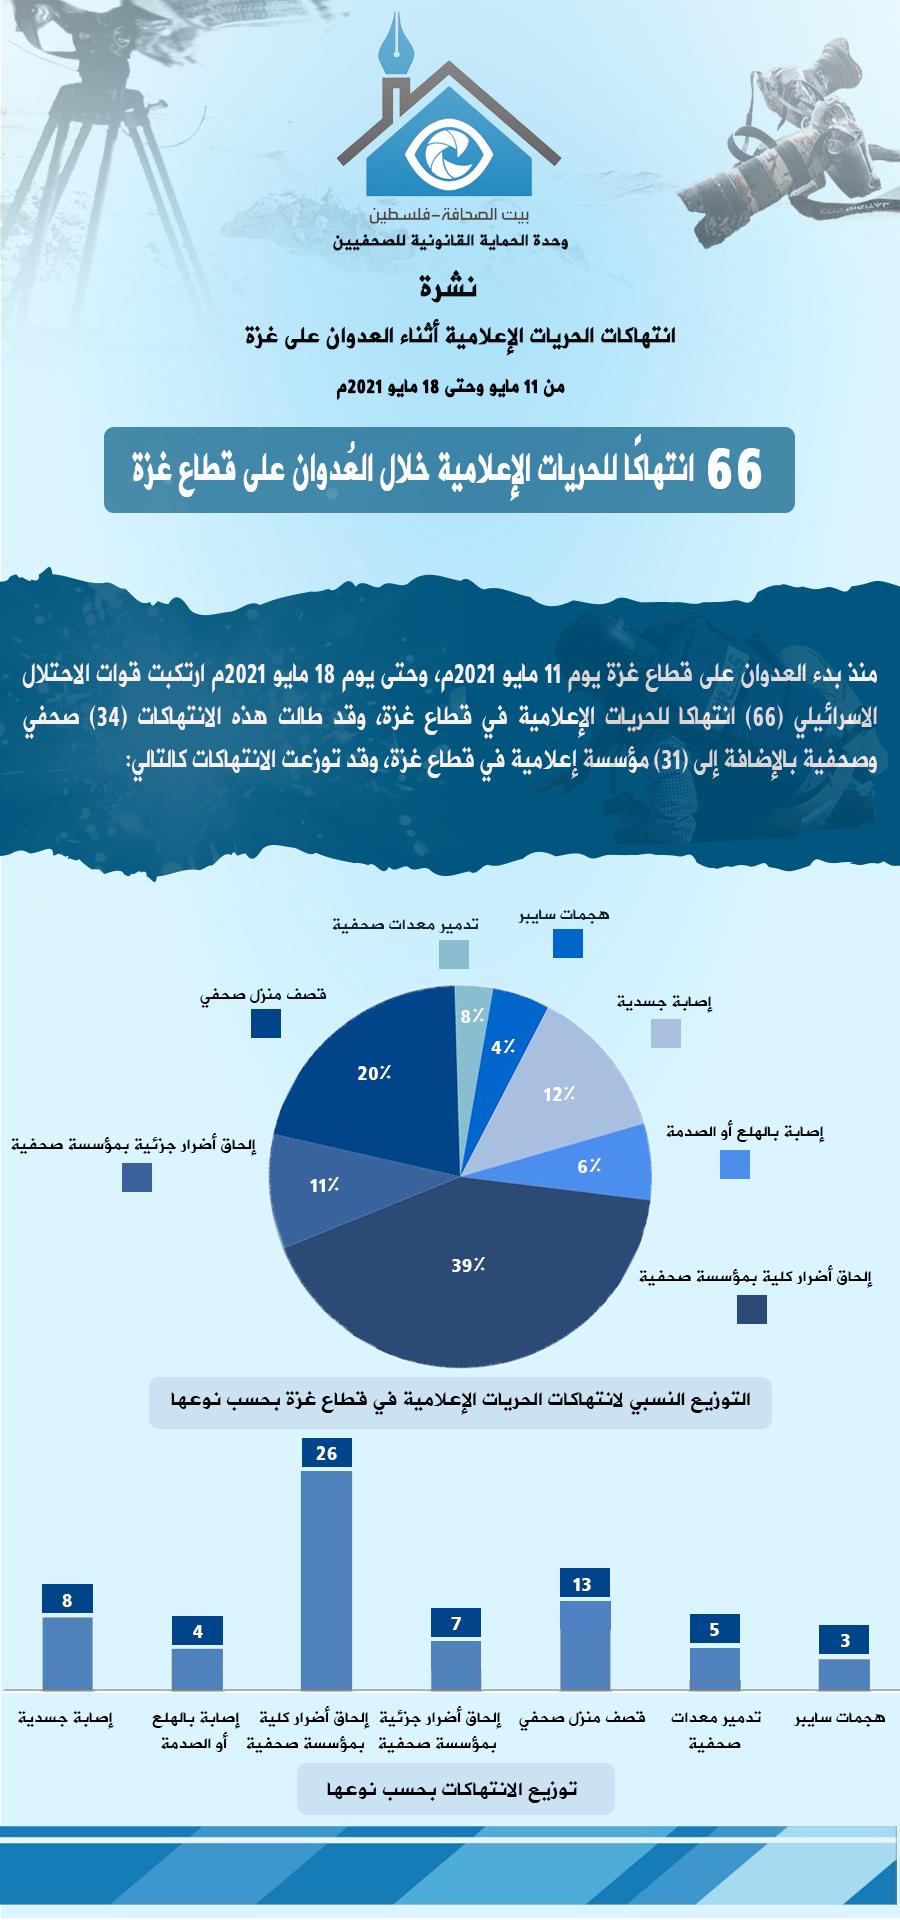 11-18 انتهاكات الحريات الإعلامية أثناء العدوان على غزة - عربي.png